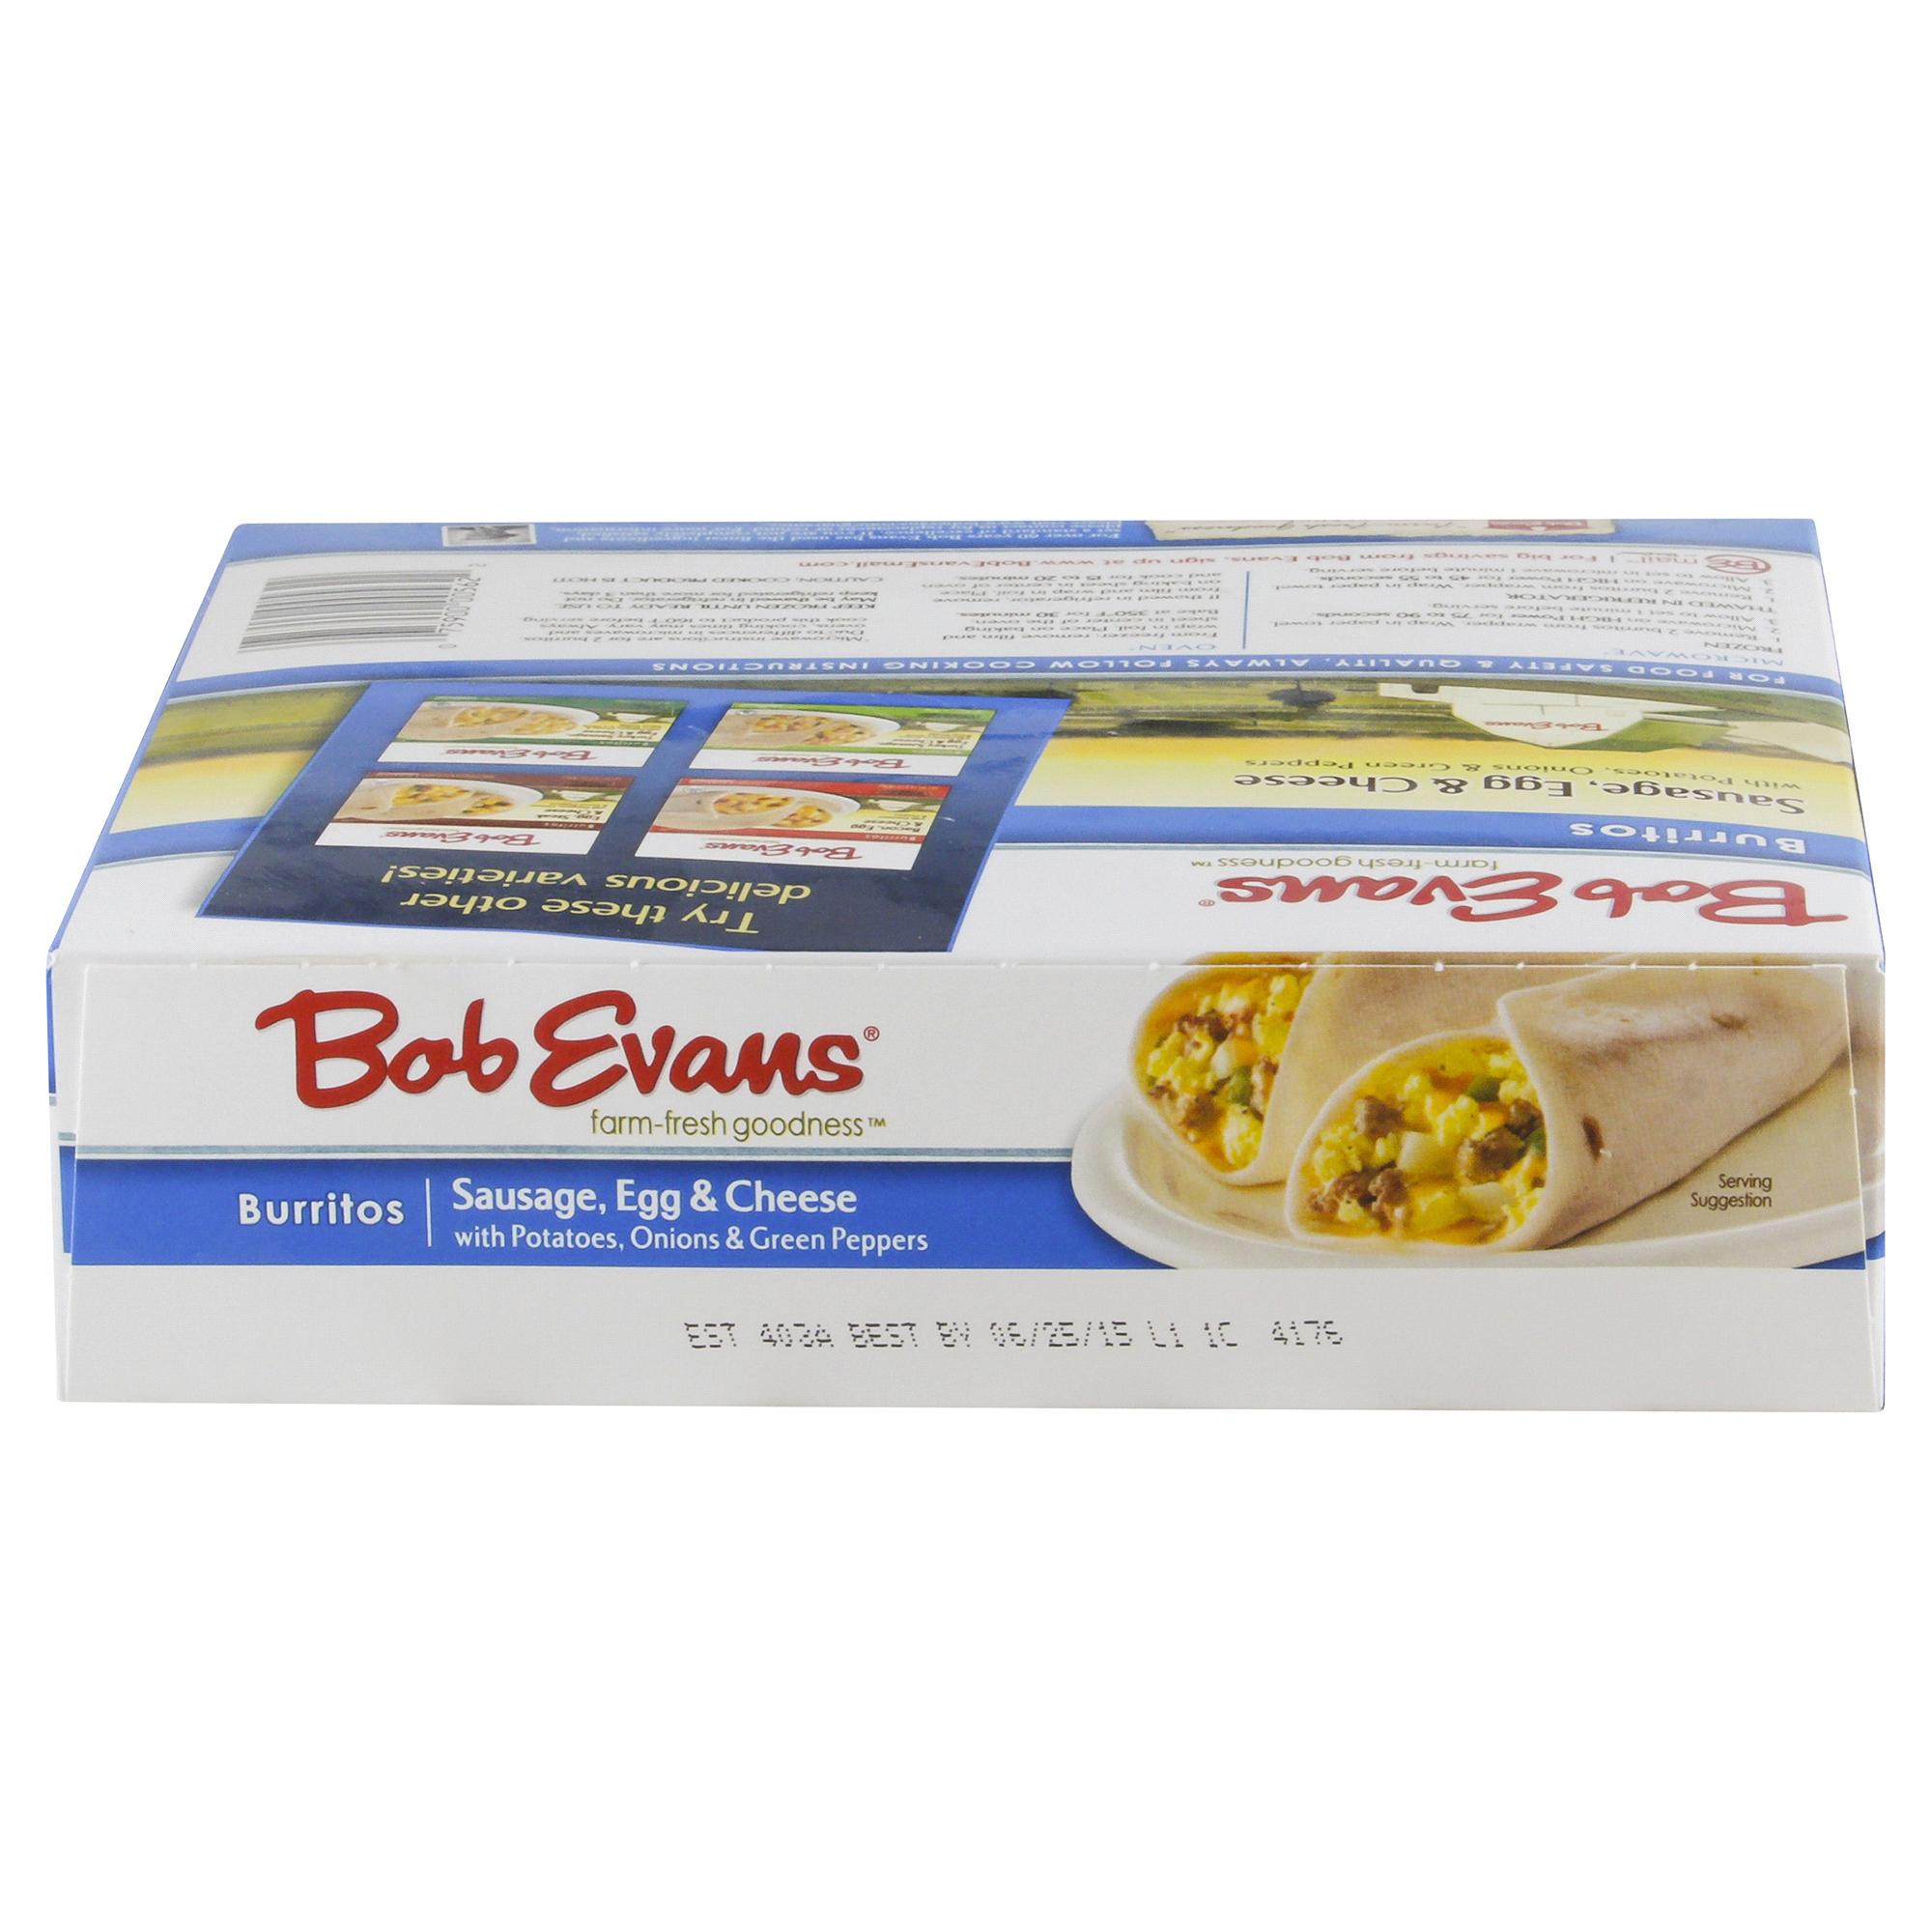 Bob Evans Burritos Sausage Egg & Cheese 14.4 oz   Meijer.com